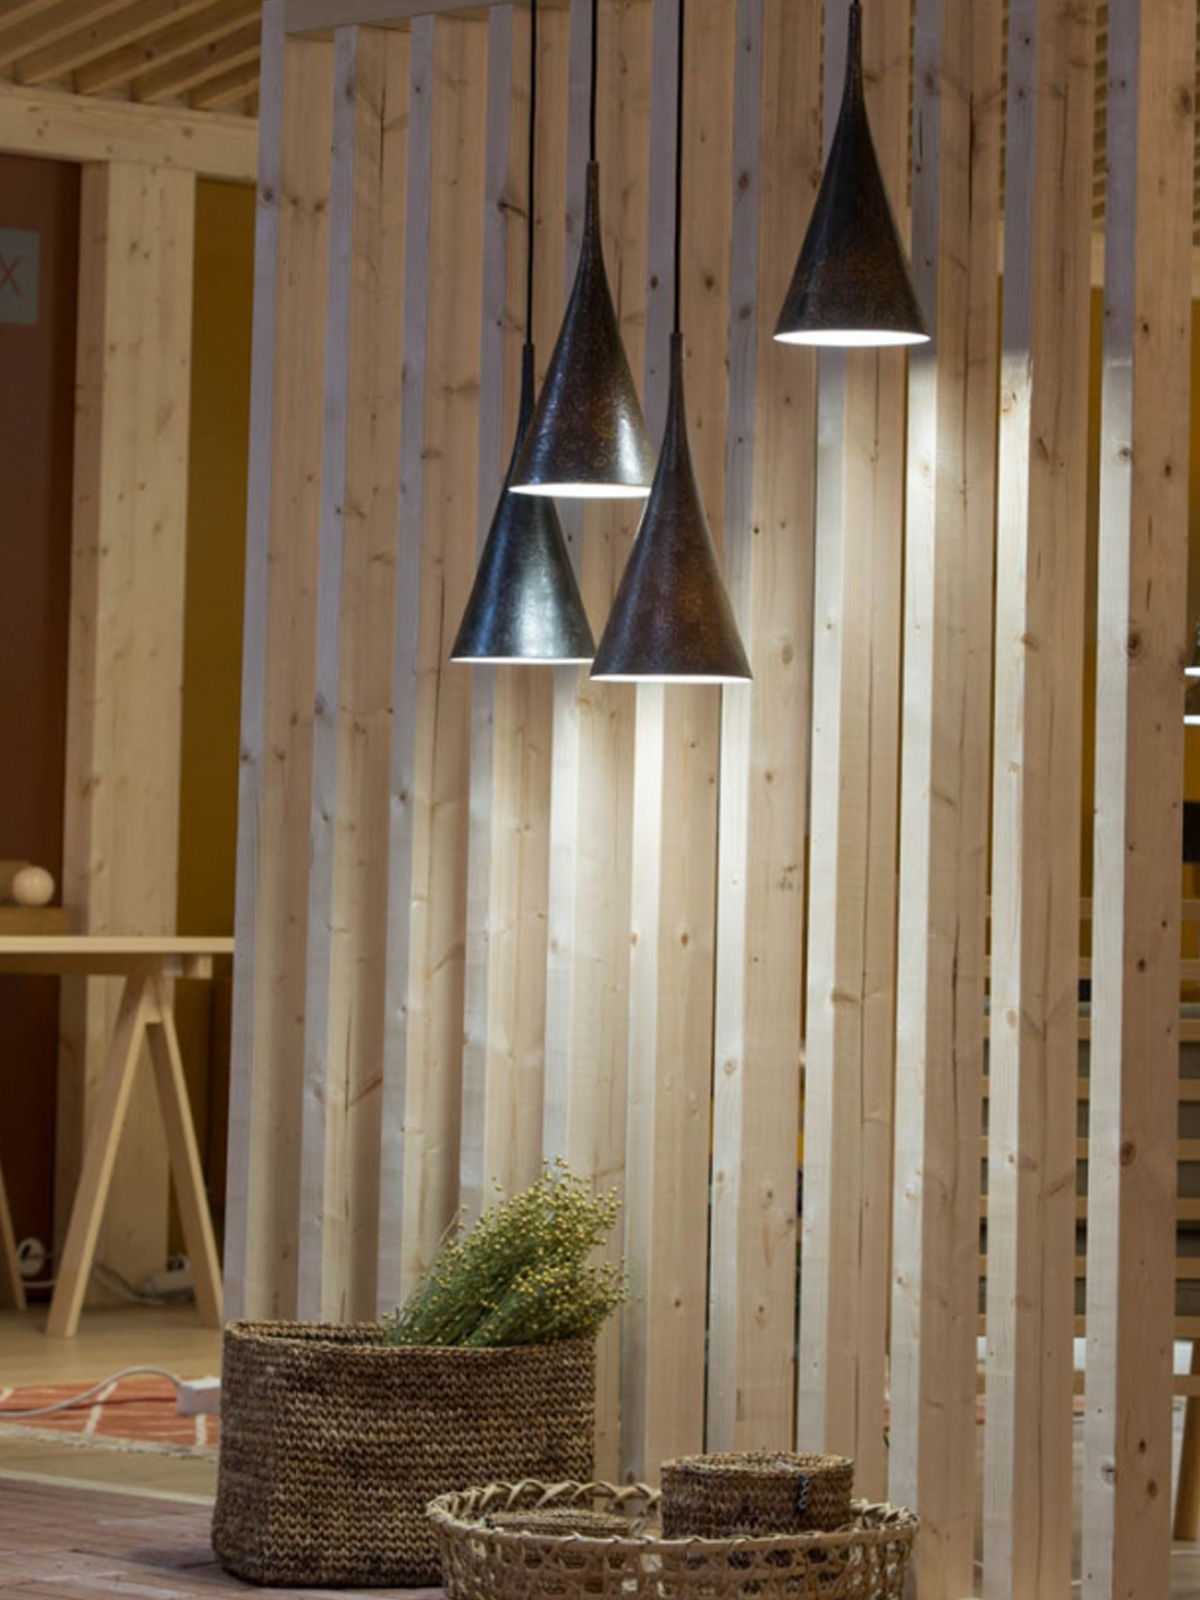 Lambada Leuchte aus Keramik für gerichtetes Licht Innolux skandinavisch Design Designerleuchte Lampe